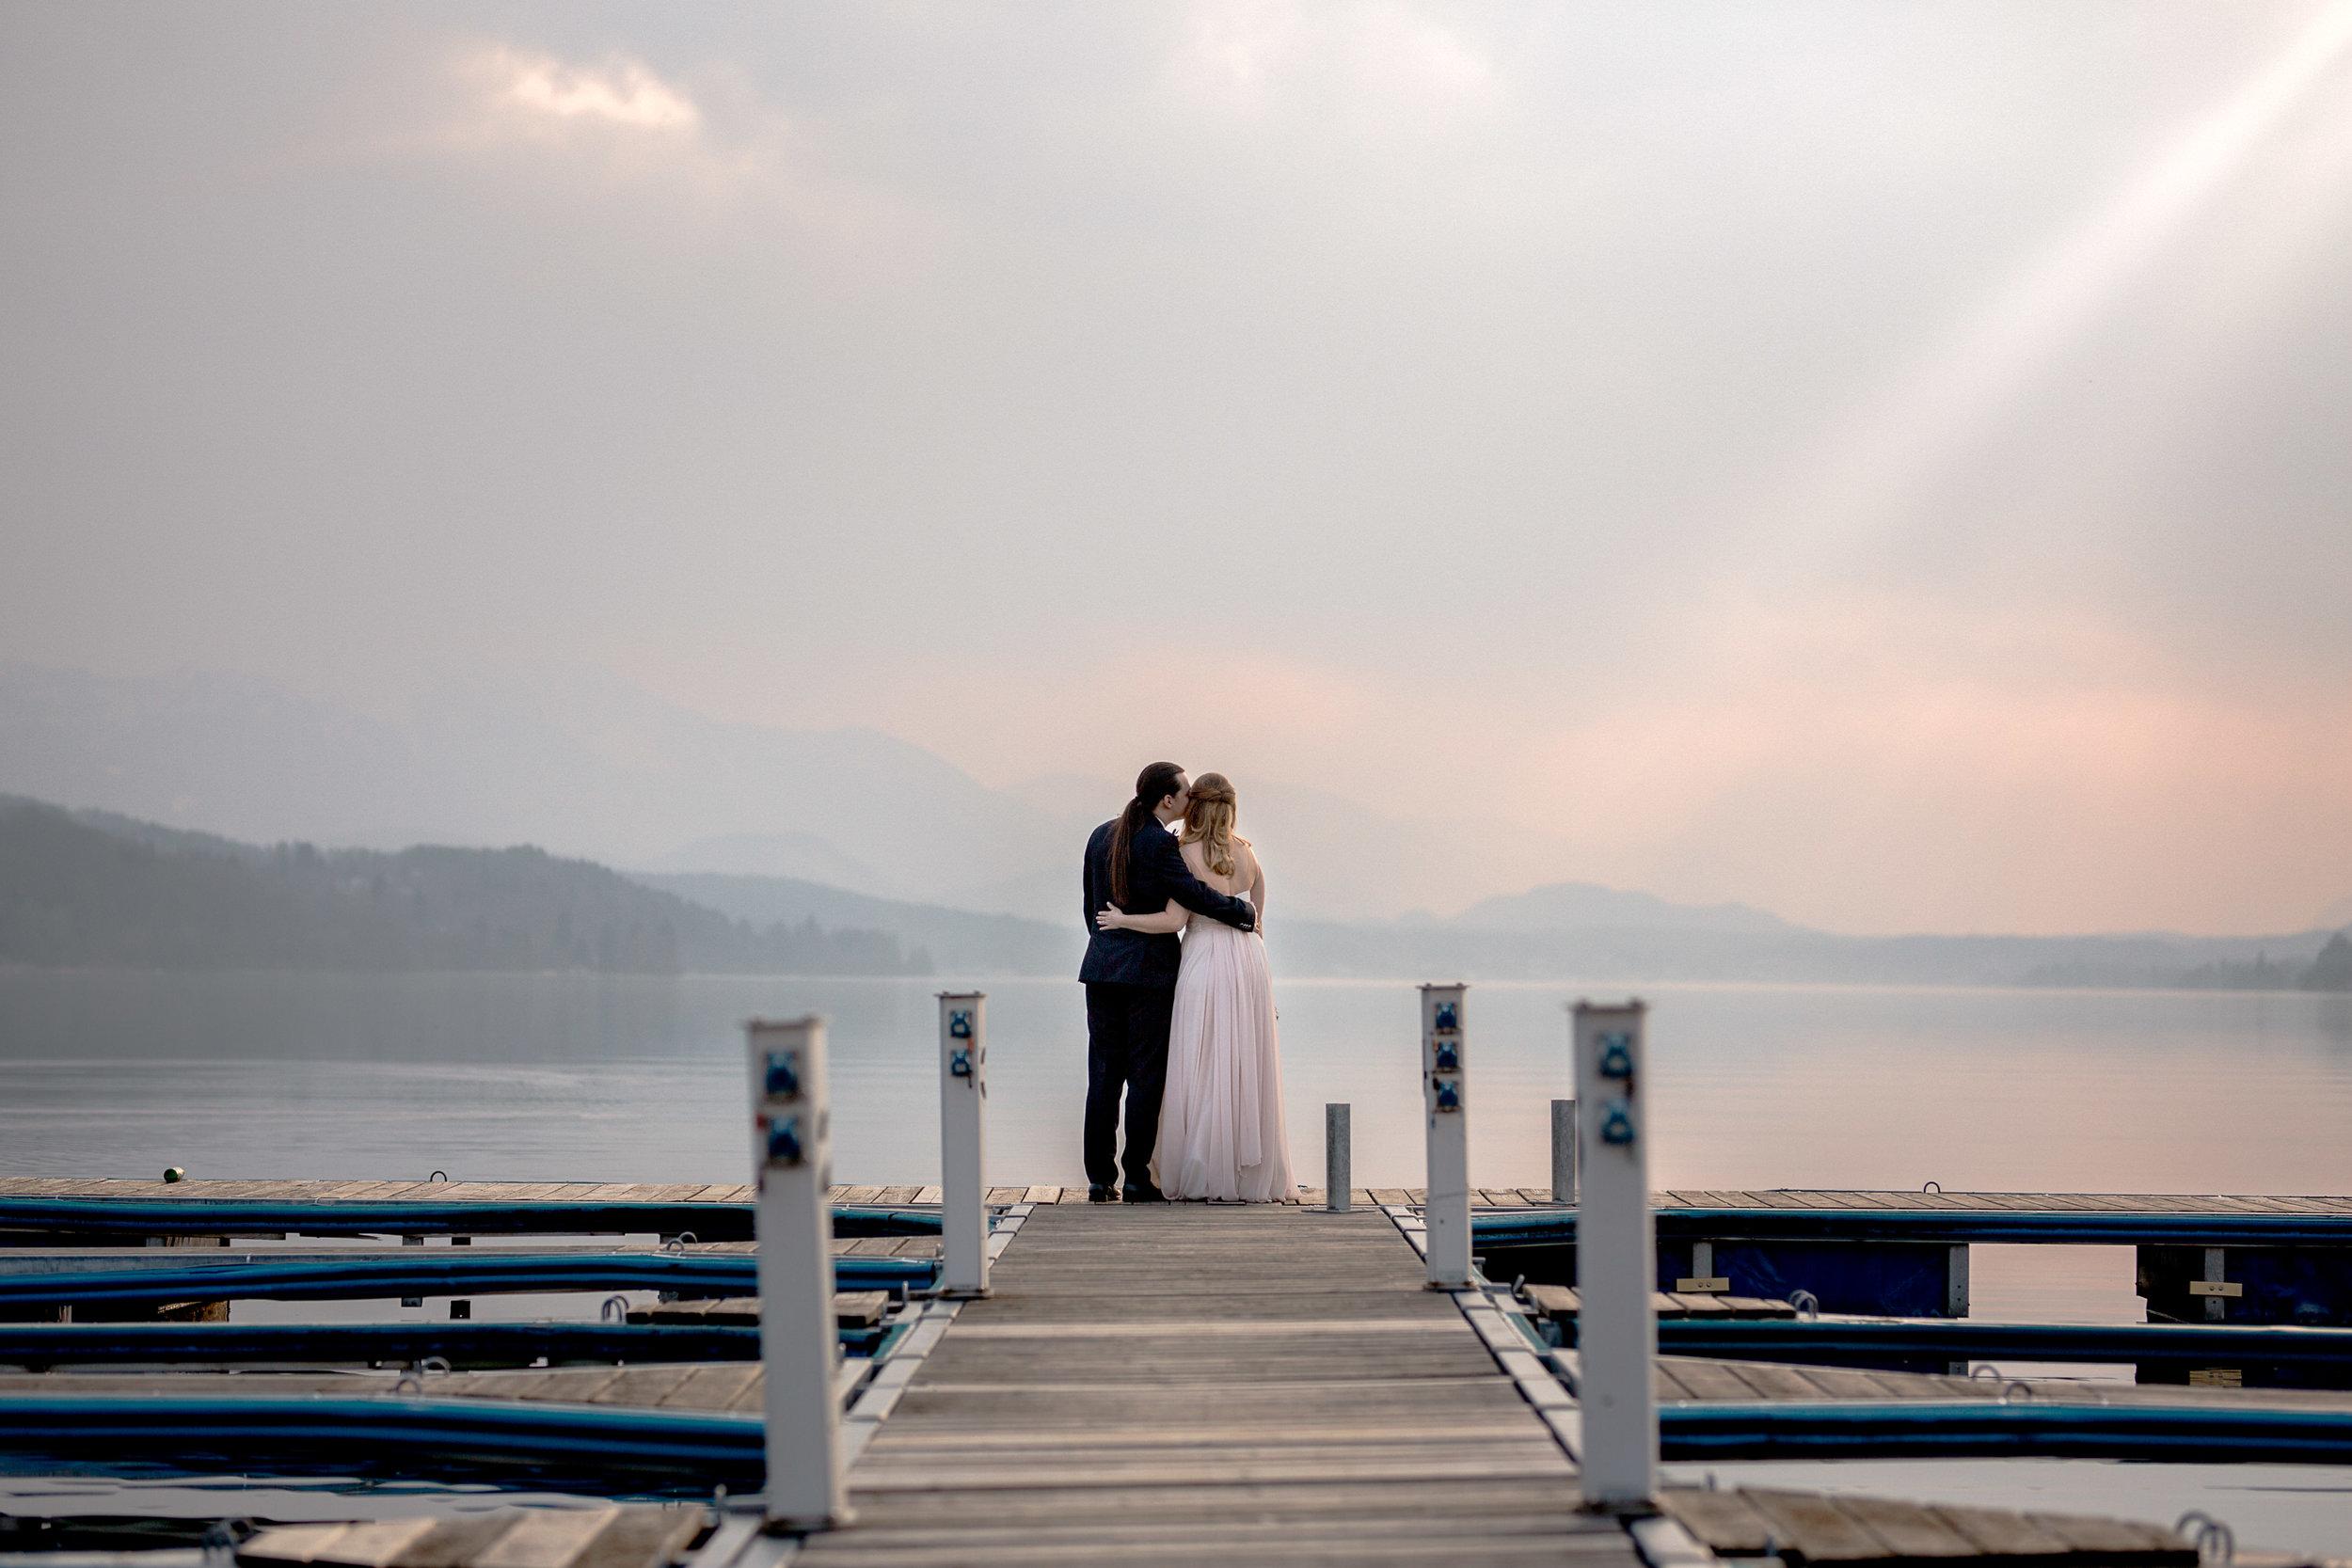 spring_lake_wedding_in_white_rose-27.jpg